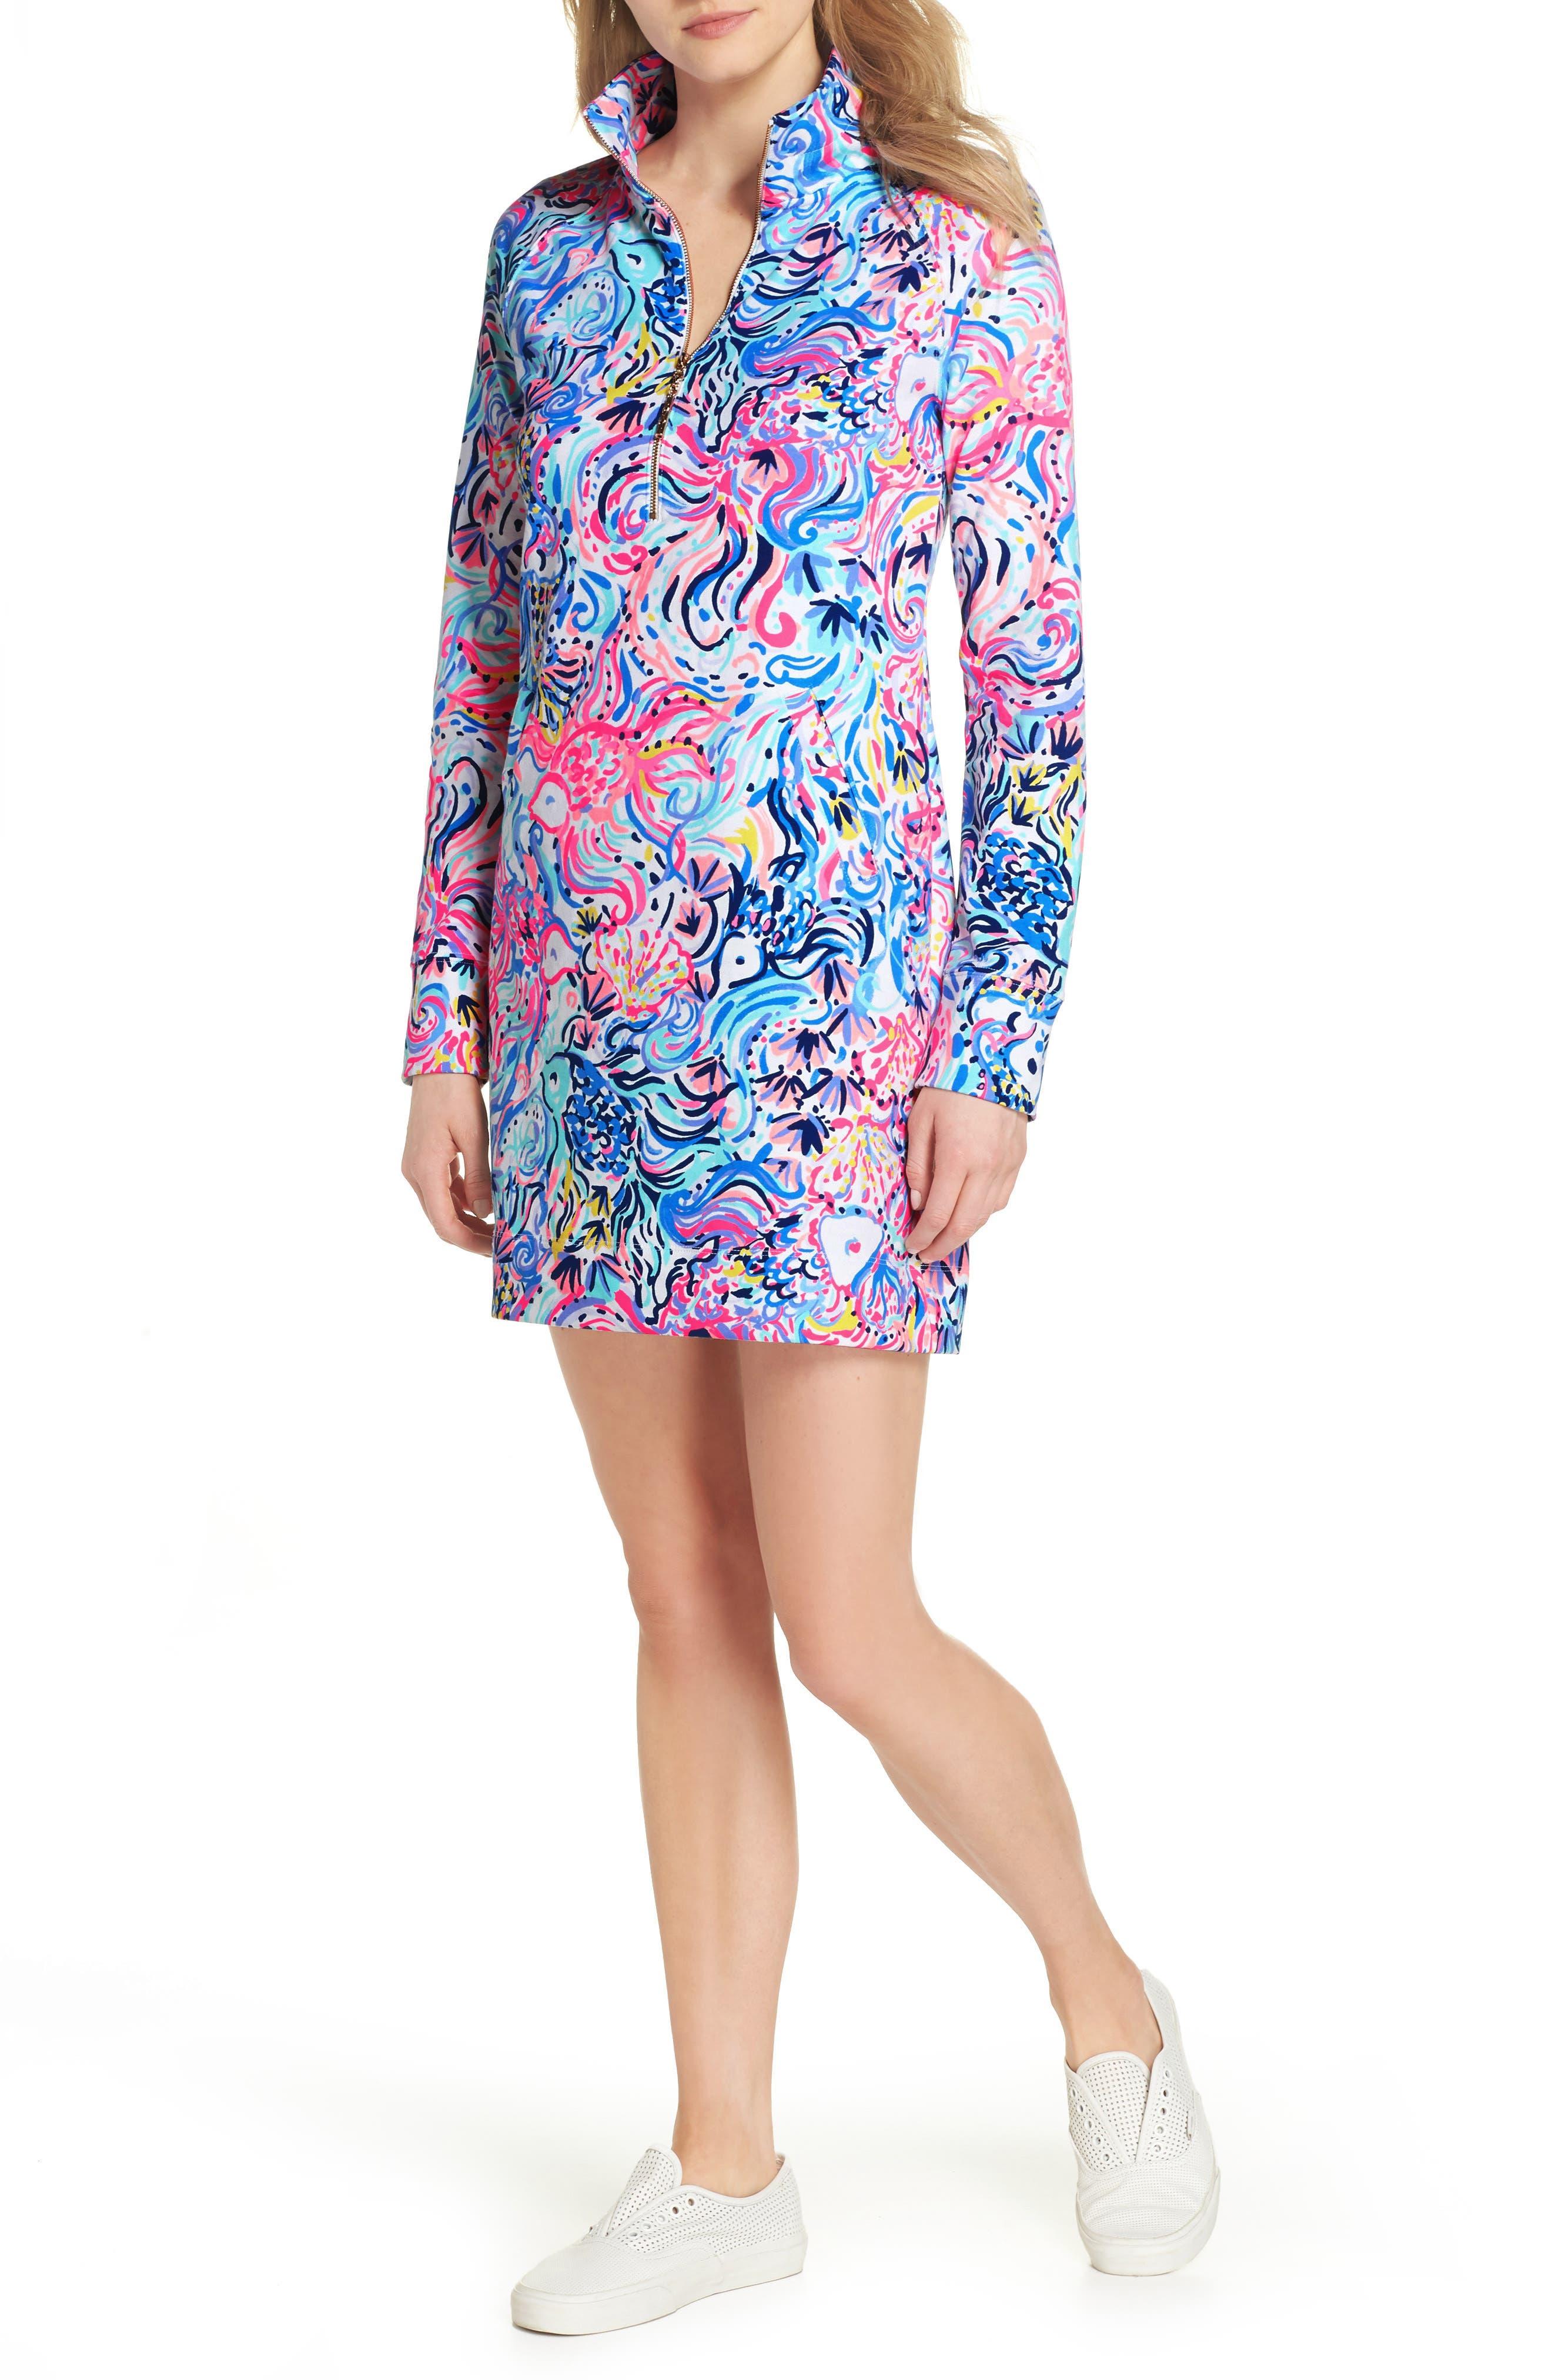 Skipper UPF 50+ Dress,                         Main,                         color, Multi So Sophishticated